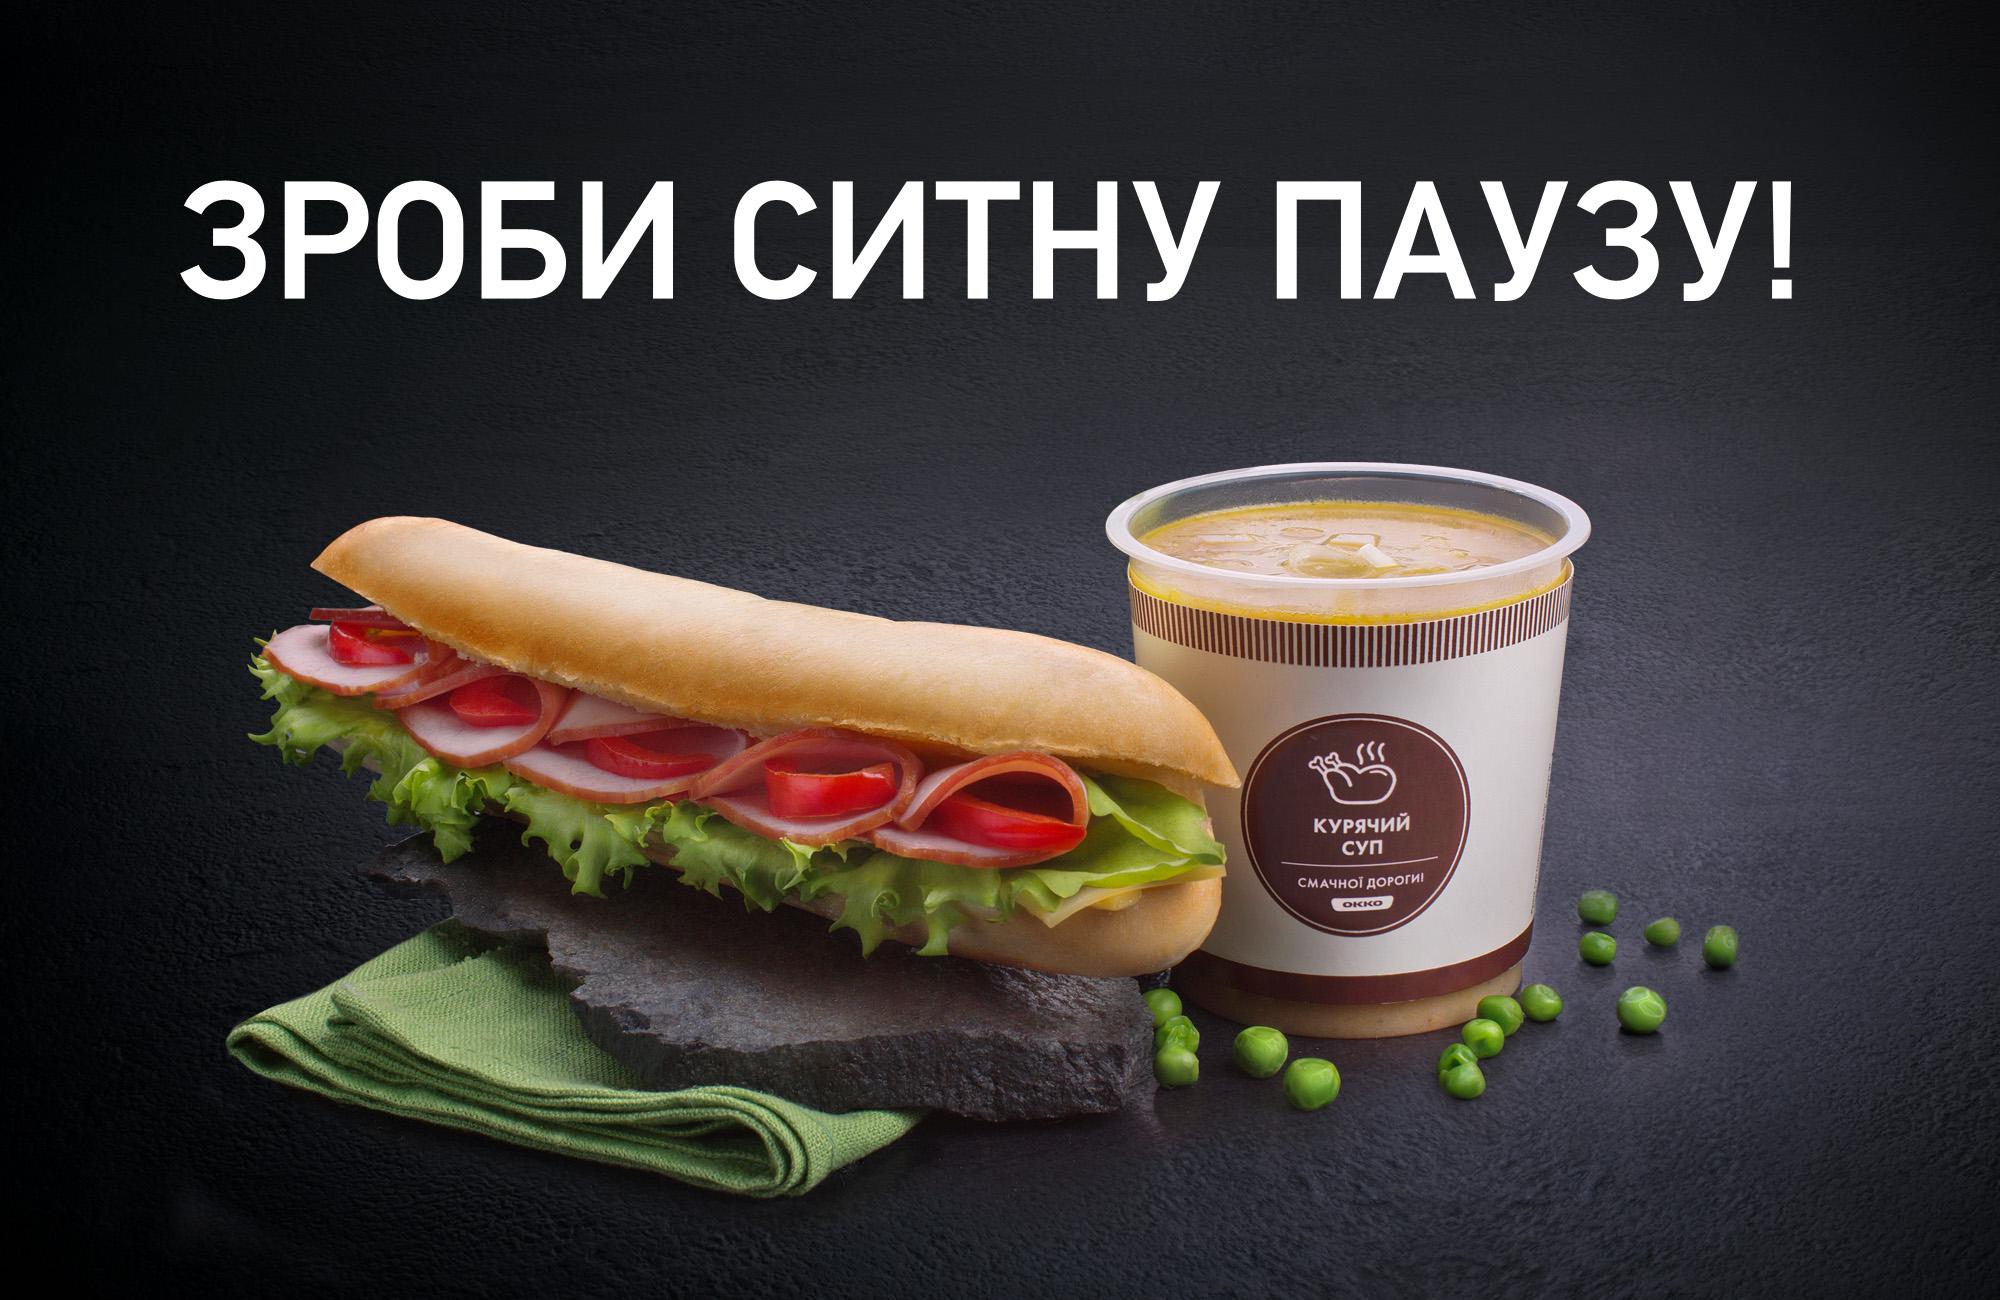 АЗК «ОККО» приглашают на горячие супы и сытные сэндвичи в кафе 1